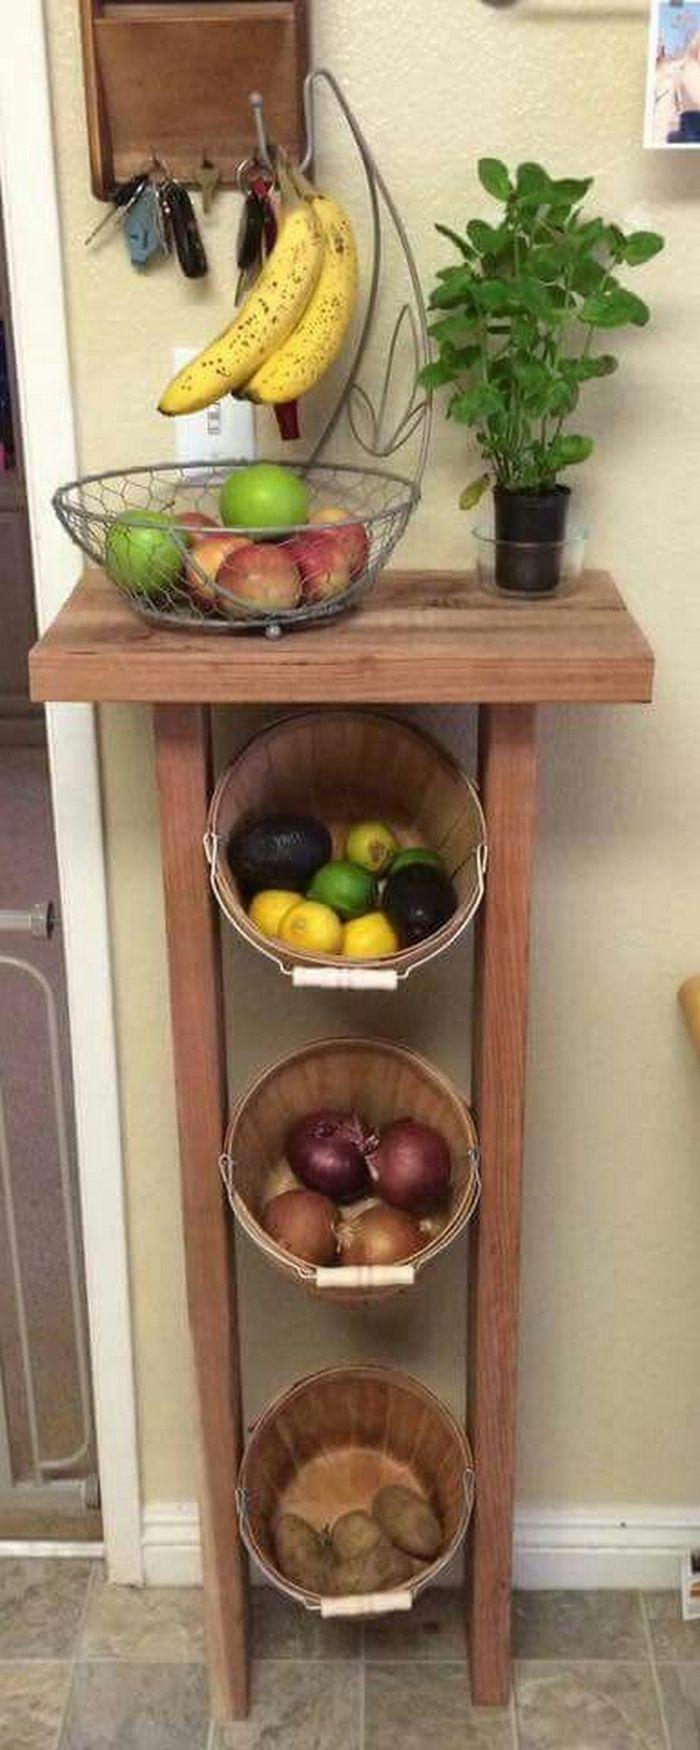 Best 25 fruit storage ideas on pinterest fresh grocer for Cheap kitchen organization ideas